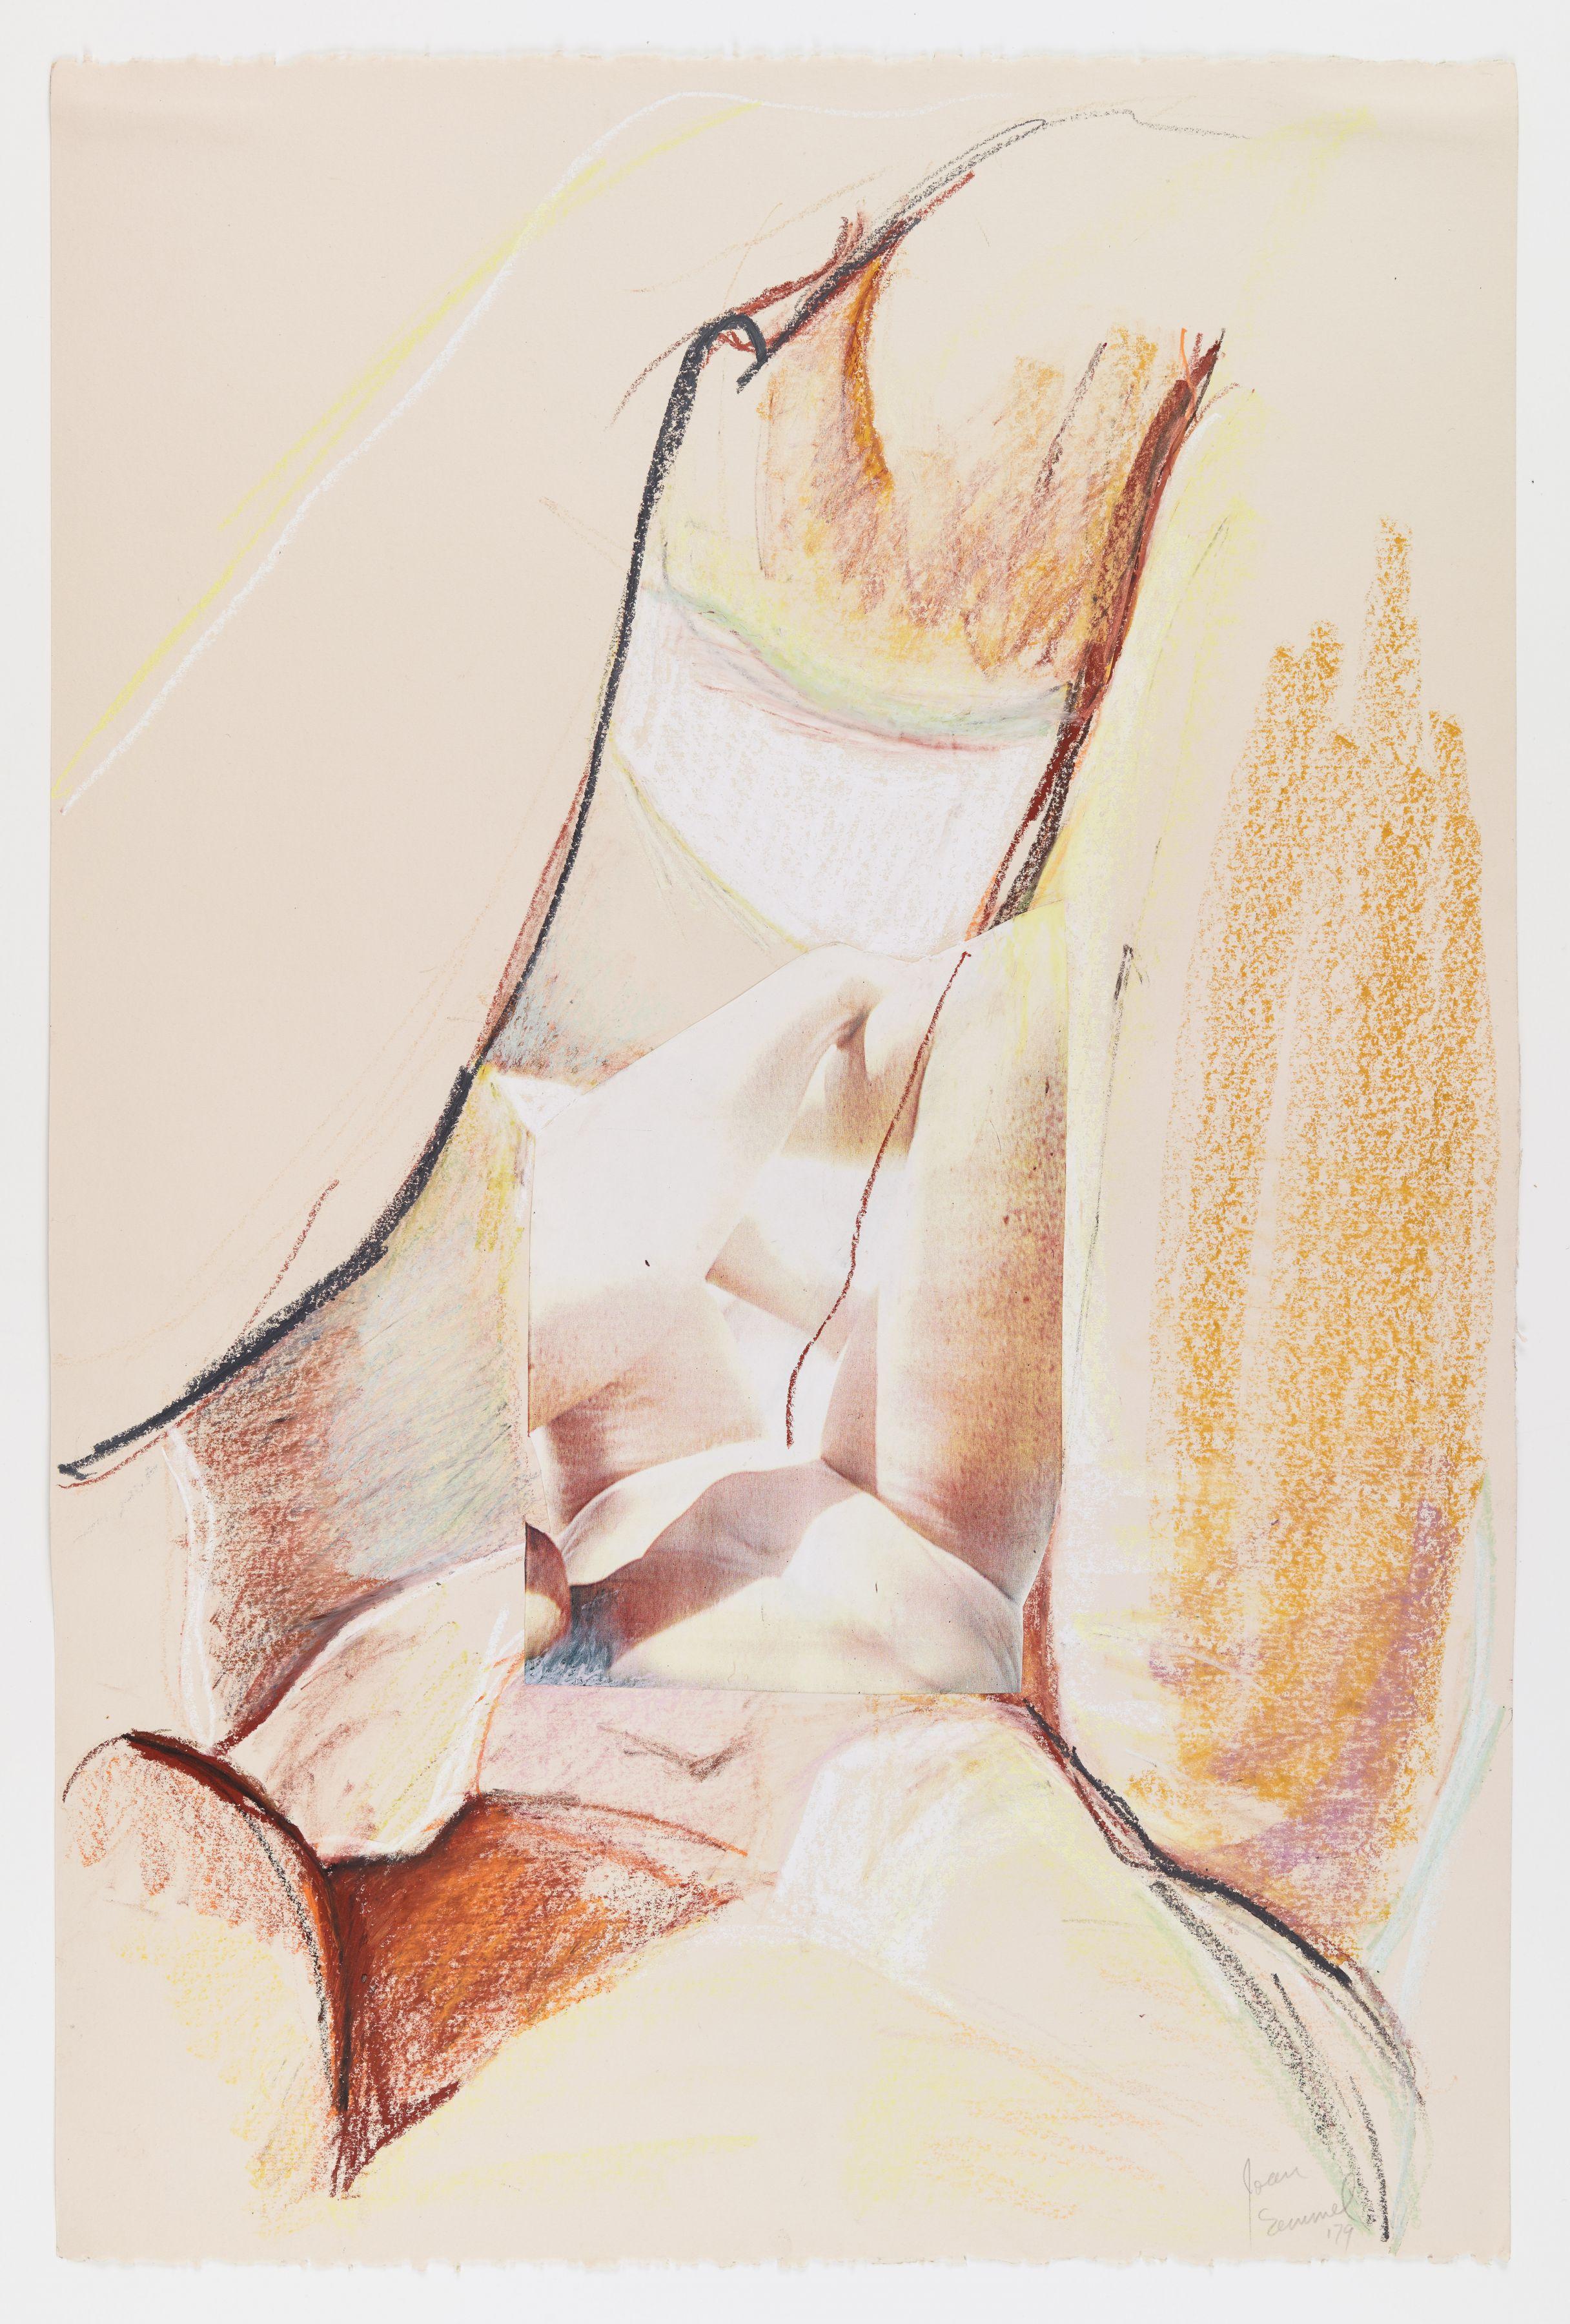 Joan Semmel, Untitled, 1979